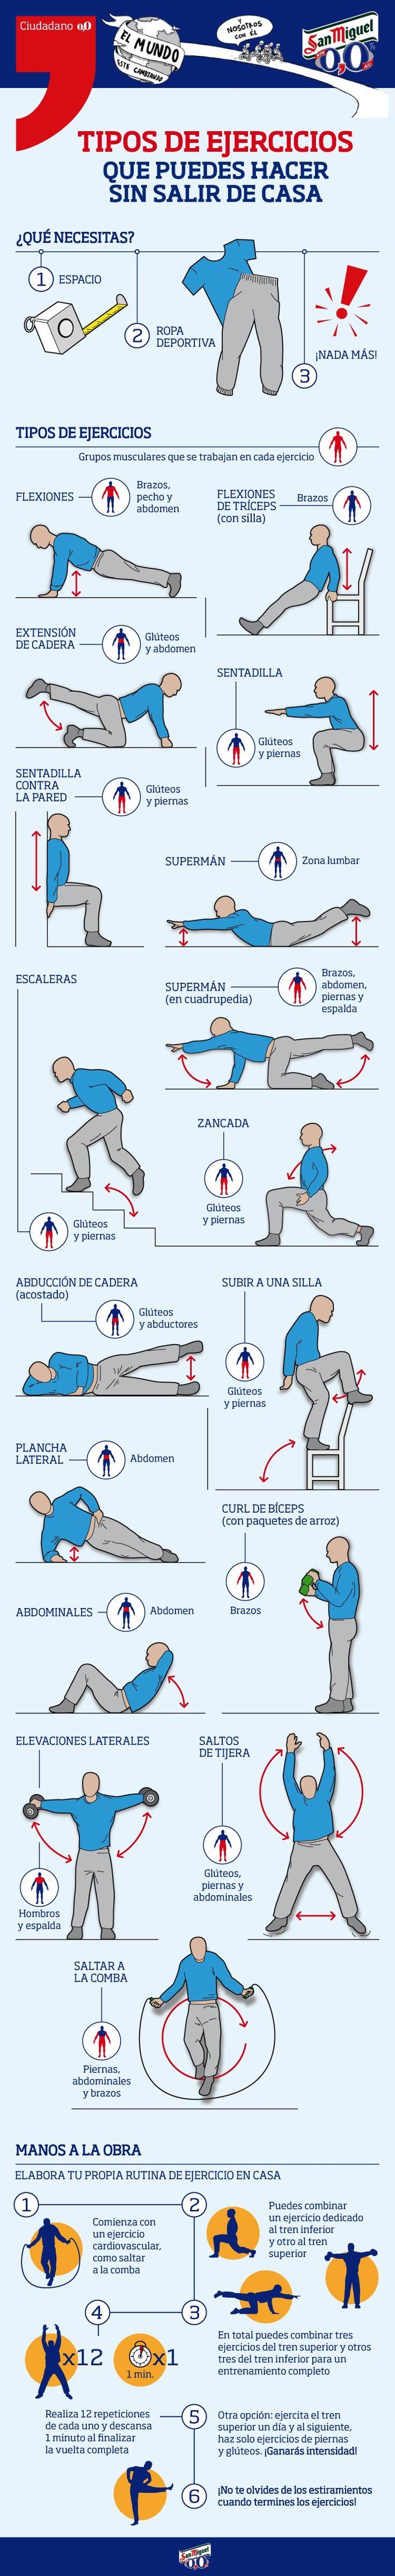 Cómo ponerte en forma en casa con esta infografía con 17 ejercicios con tu peso corporal. Entrenar desde casa de forma rápida y divertida.